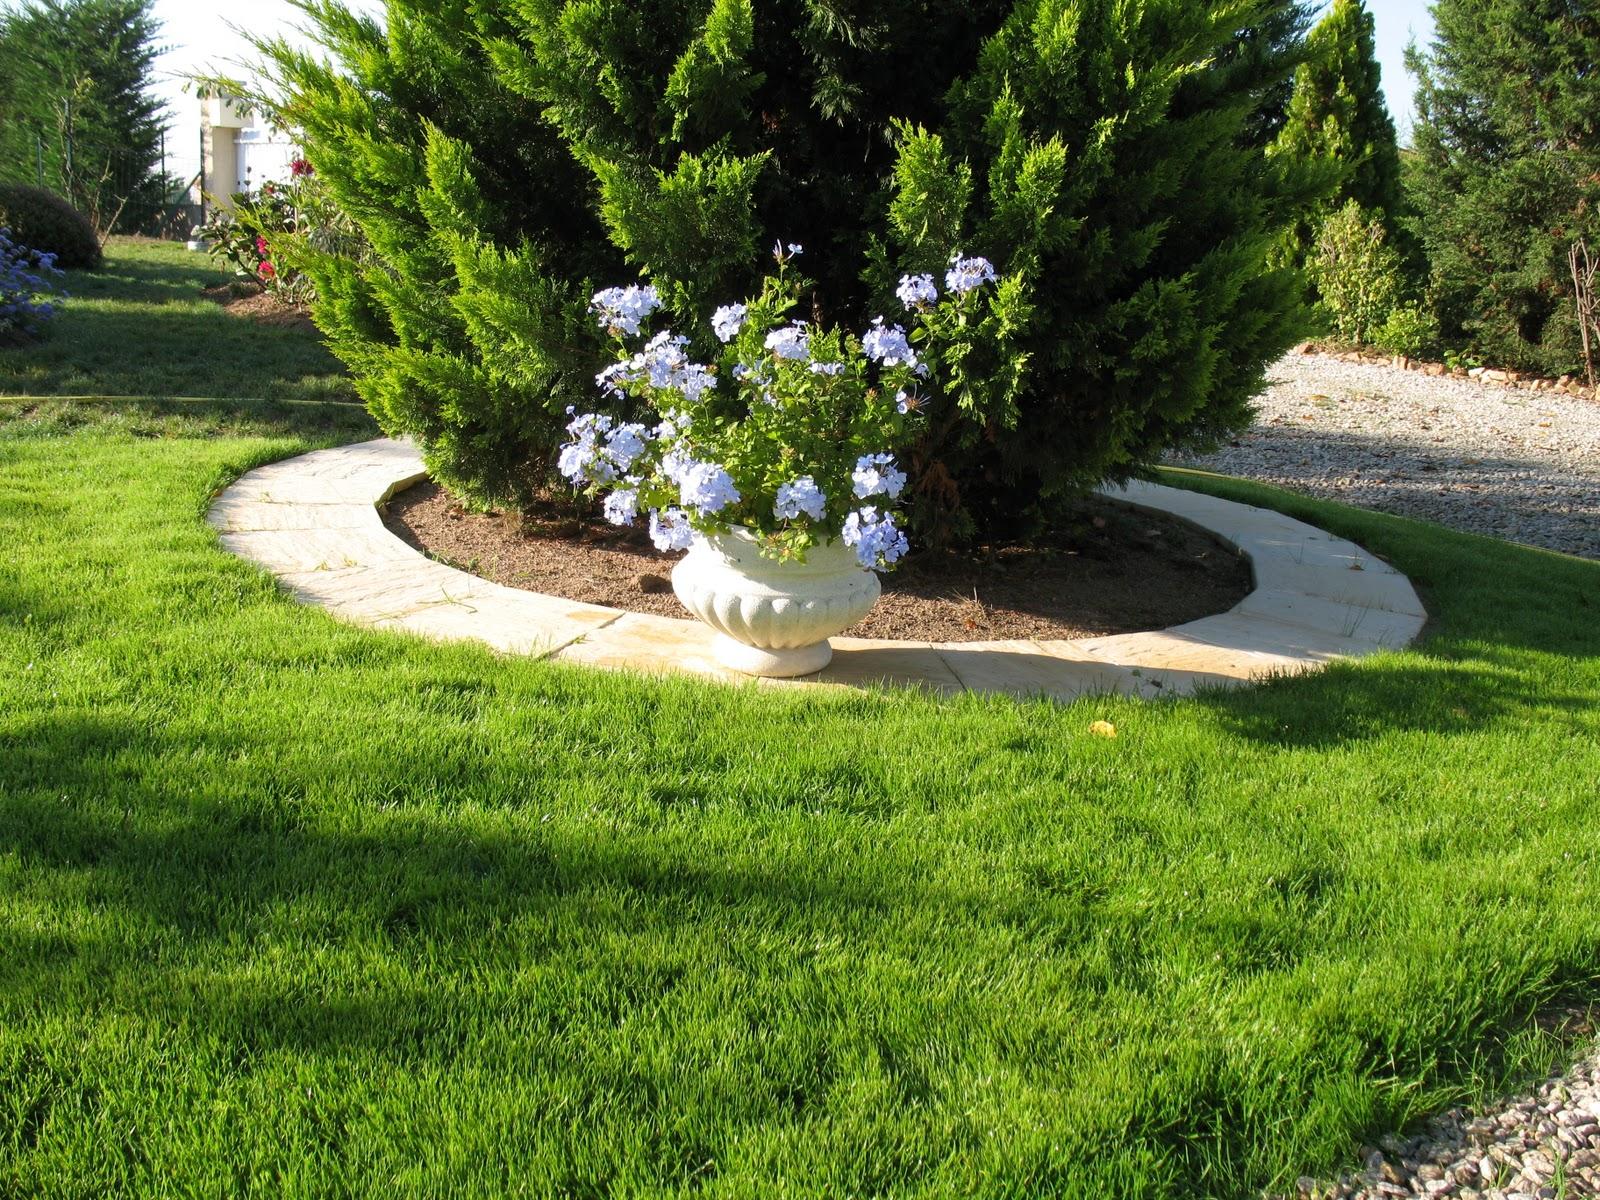 Roses du jardin ch neland pelouse revue et corrig e - Arrosage gazon apres semis ...